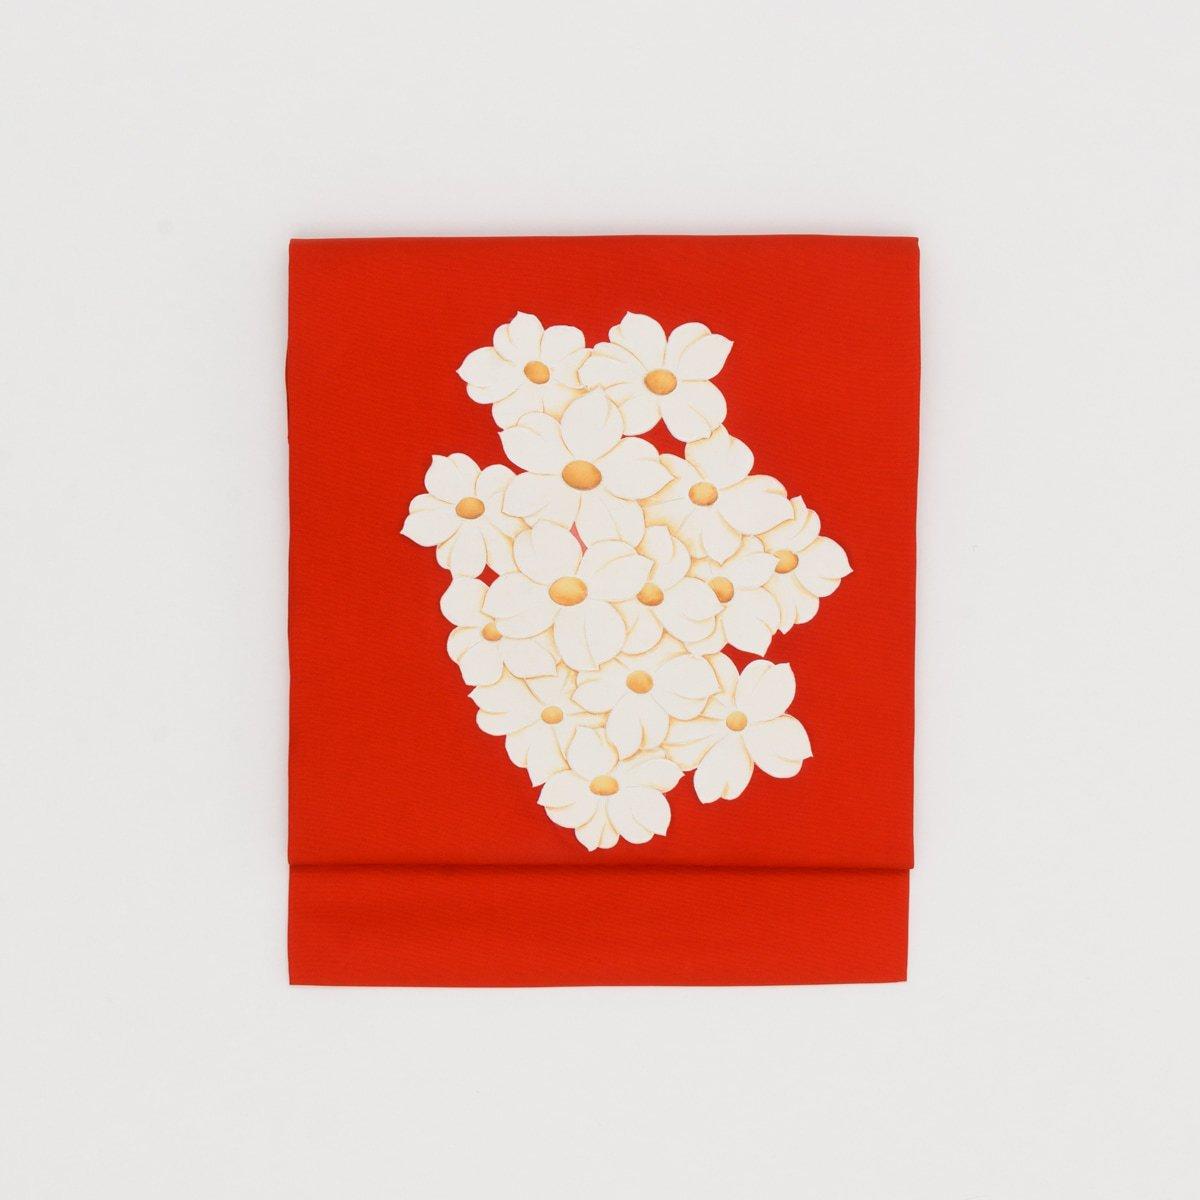 「塩瀬 白い花のブーケ」の商品画像